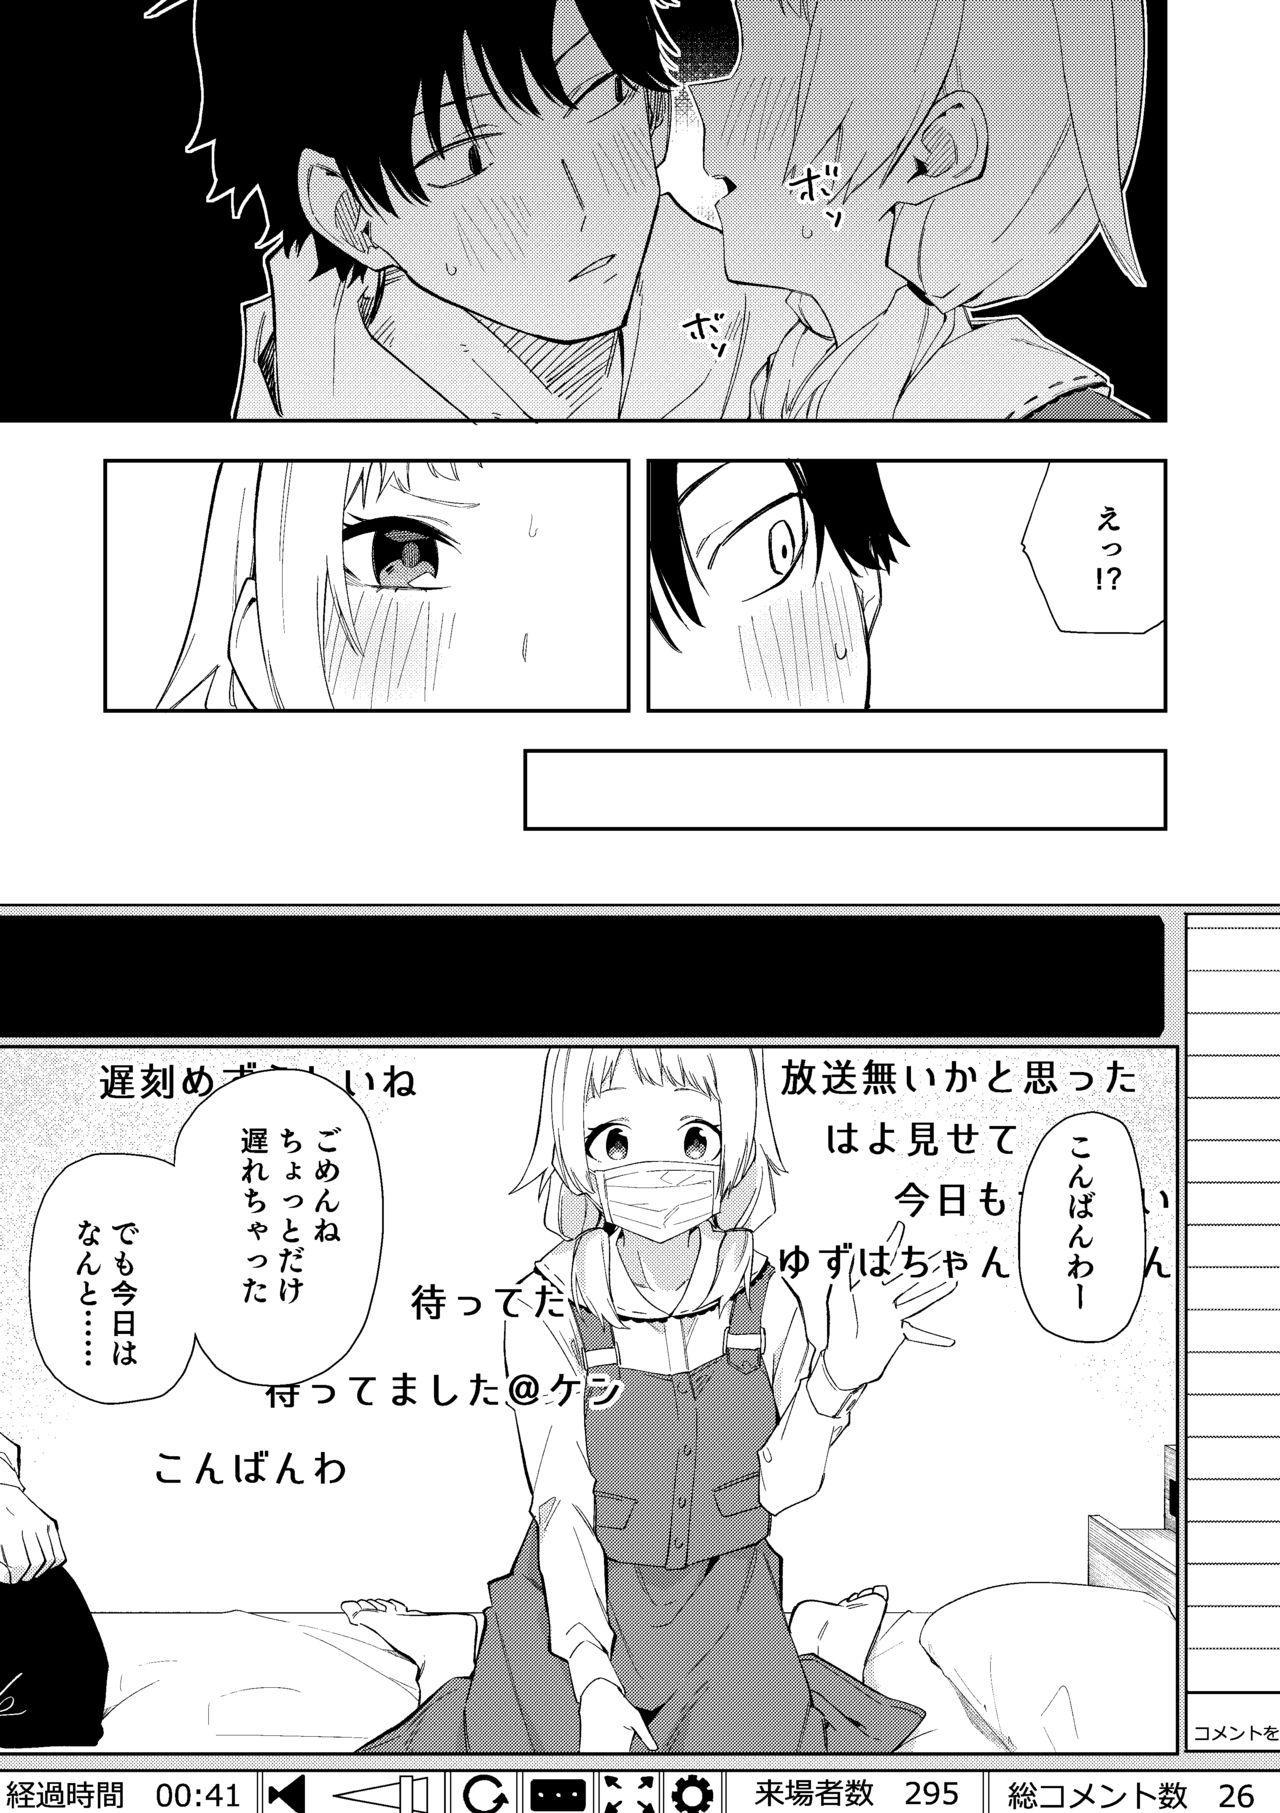 Rinjin wa Yuumei Haishinsha 11